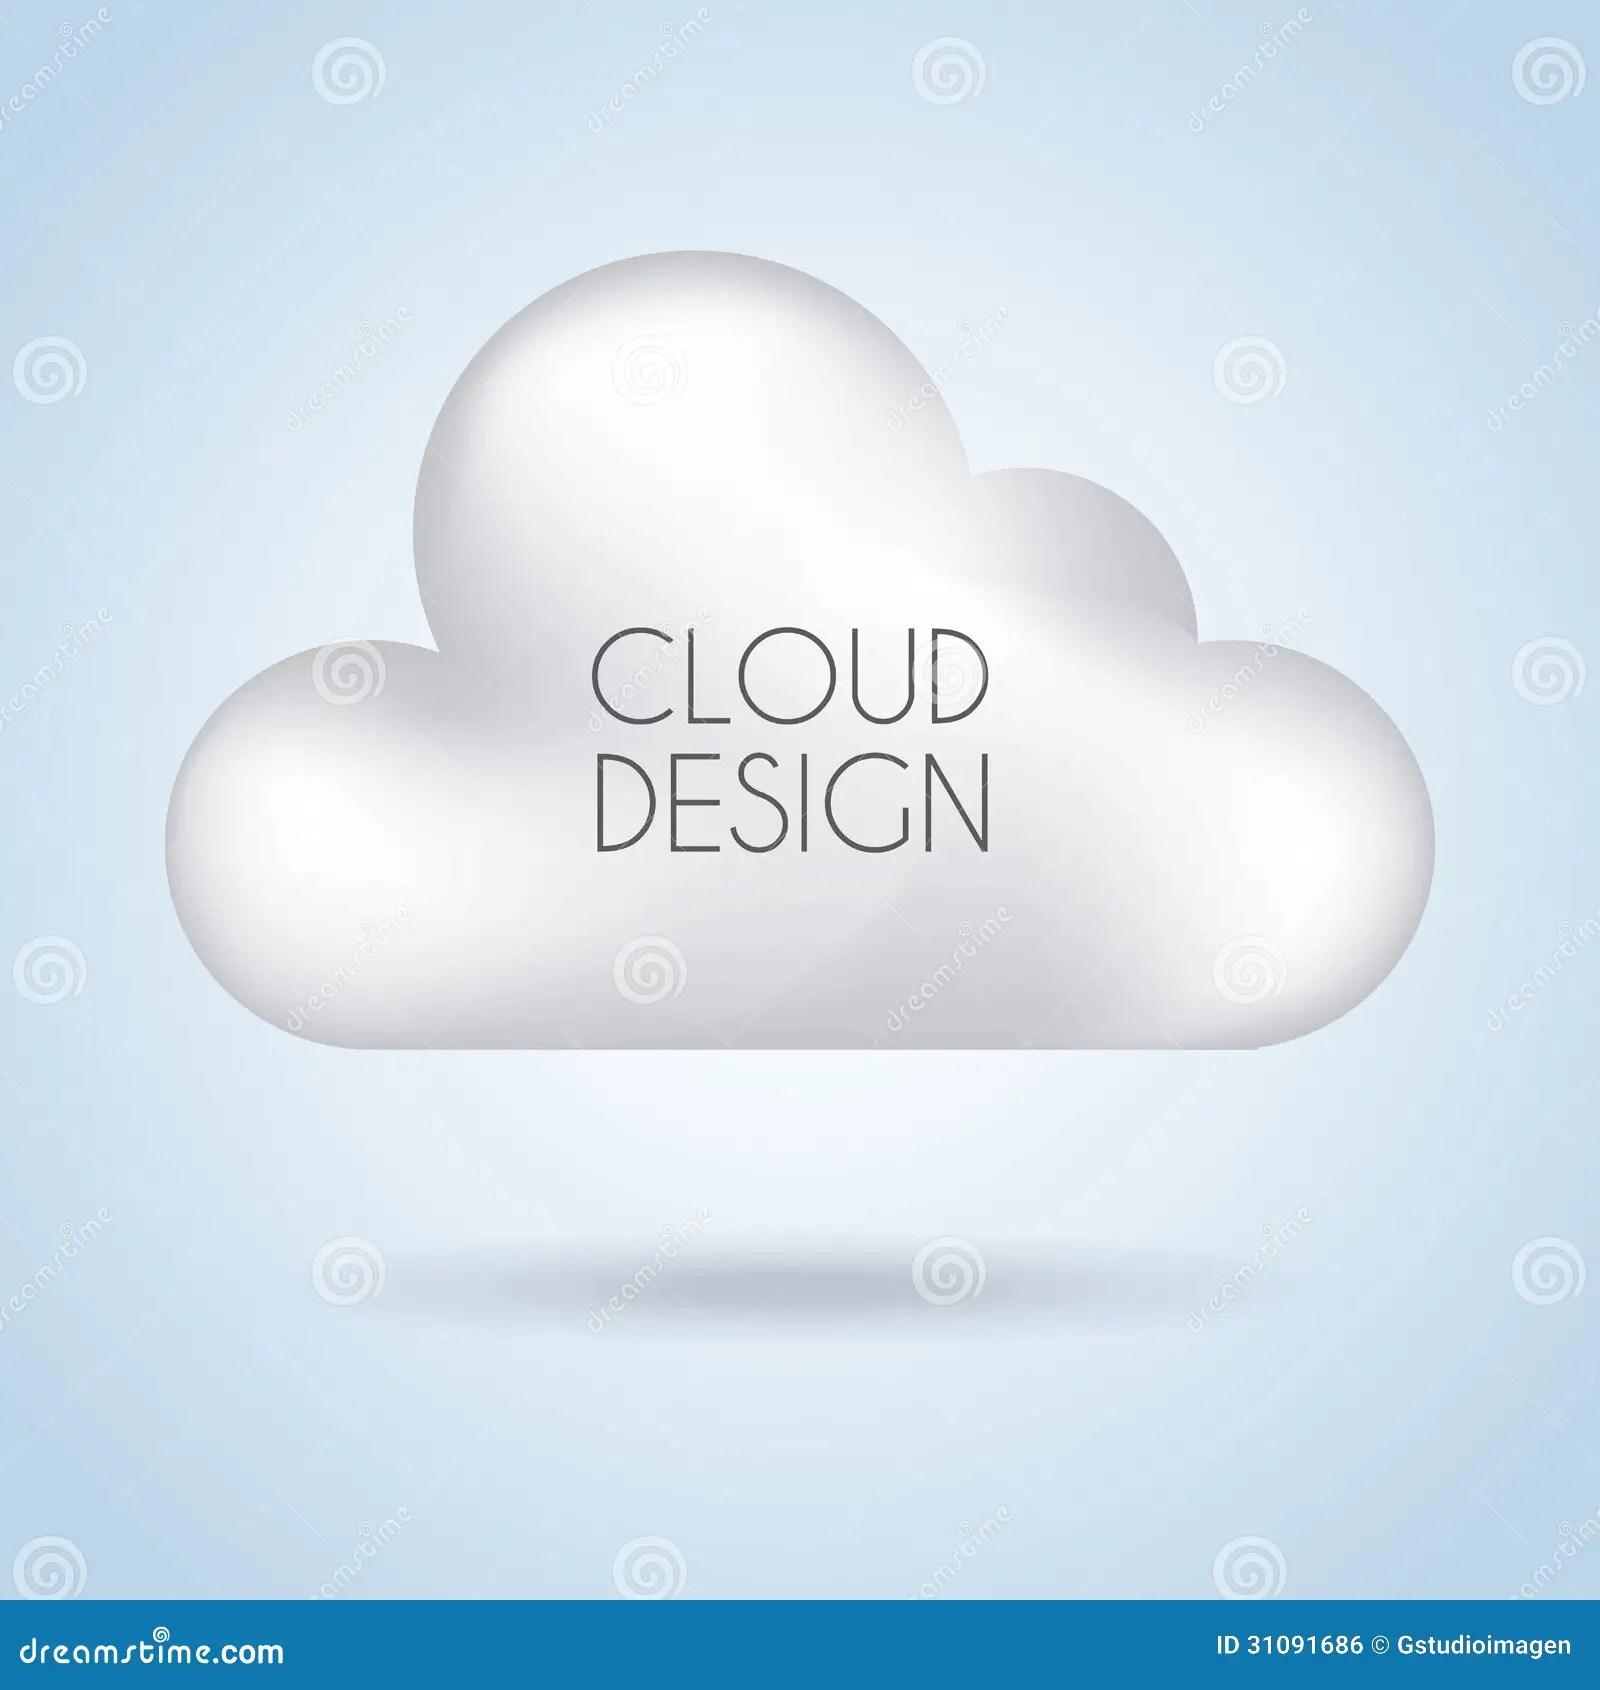 cloud design stock vector